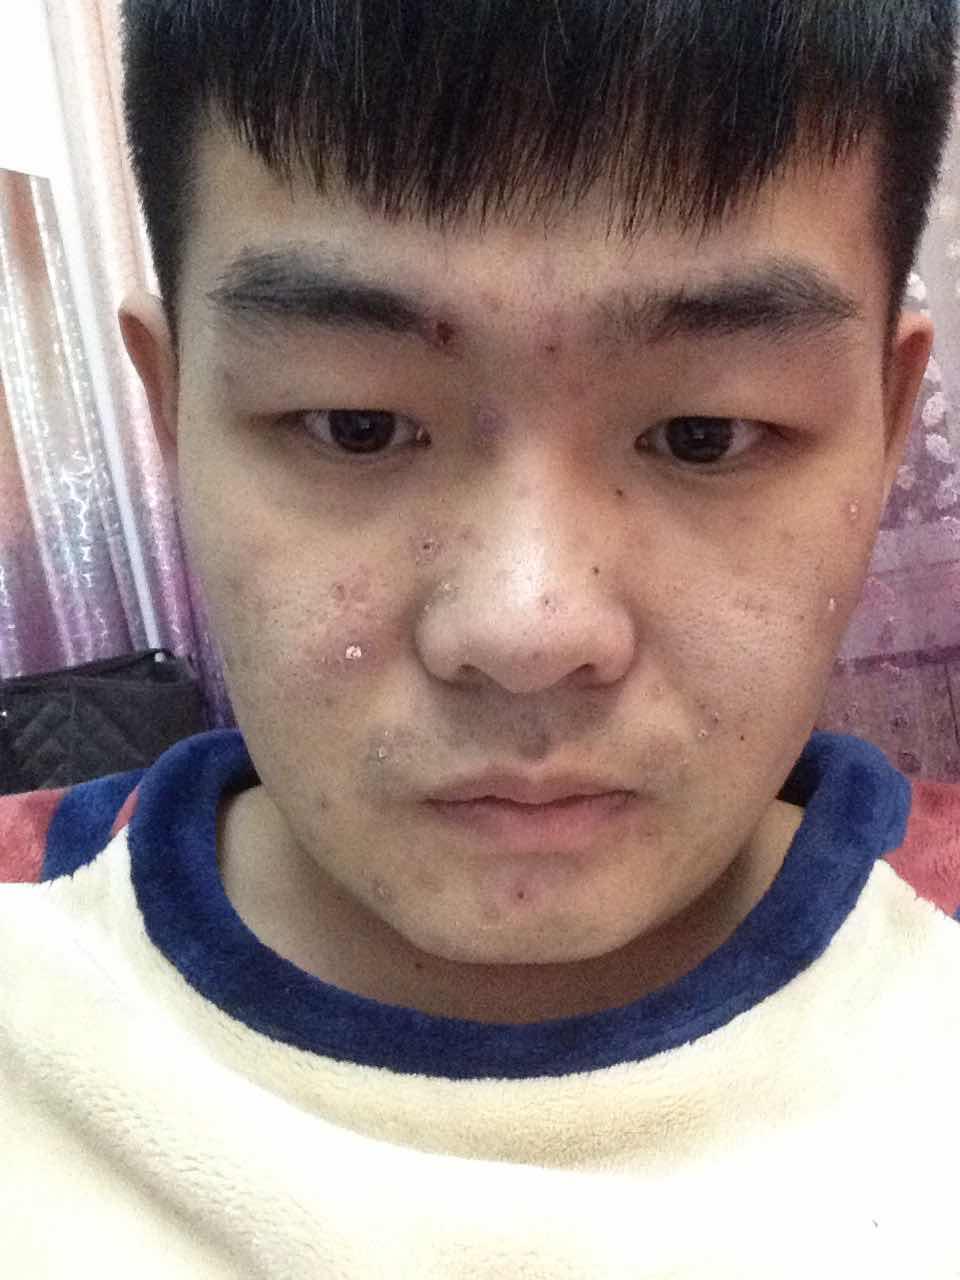 隆鼻假体取出来方便吗,我想弄双眼皮开眼角。隆鼻 改脸型。脸上是水痘 刚好的时候。